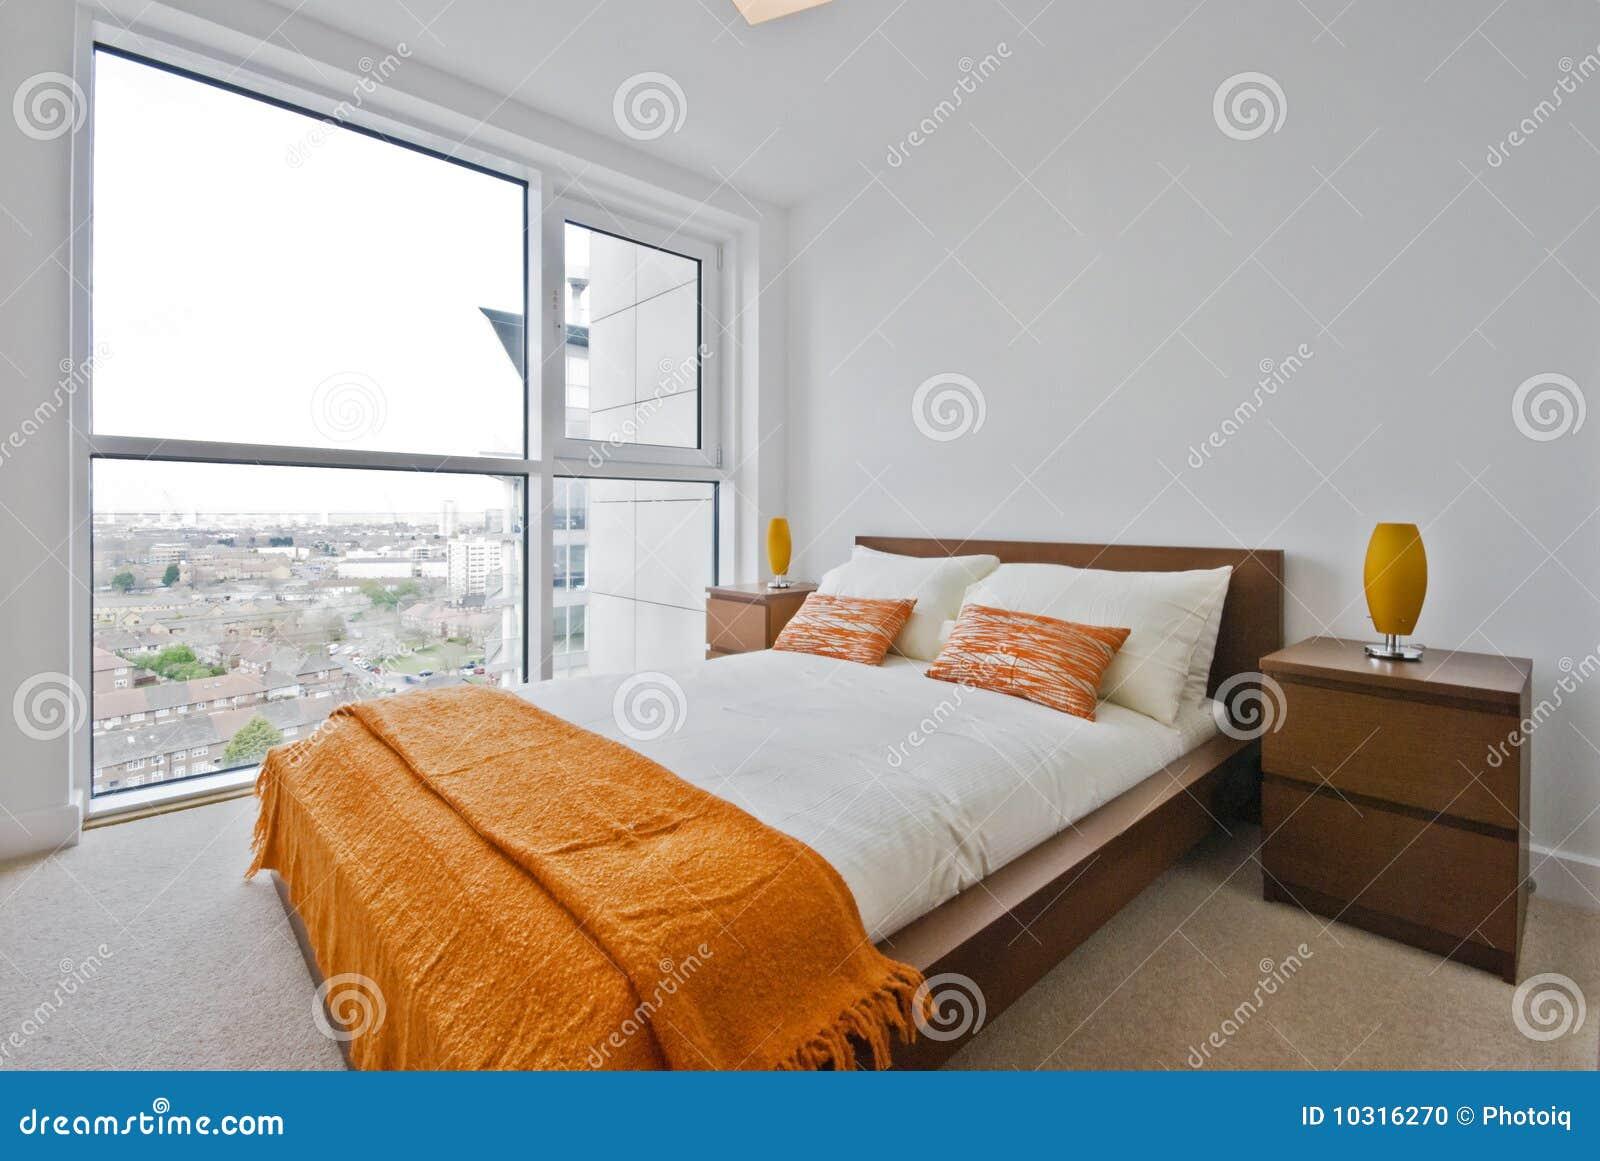 Fußboden Für Schlafzimmer ~ Schlafzimmer mit fußboden zu den deckenfenstern stockfoto bild von